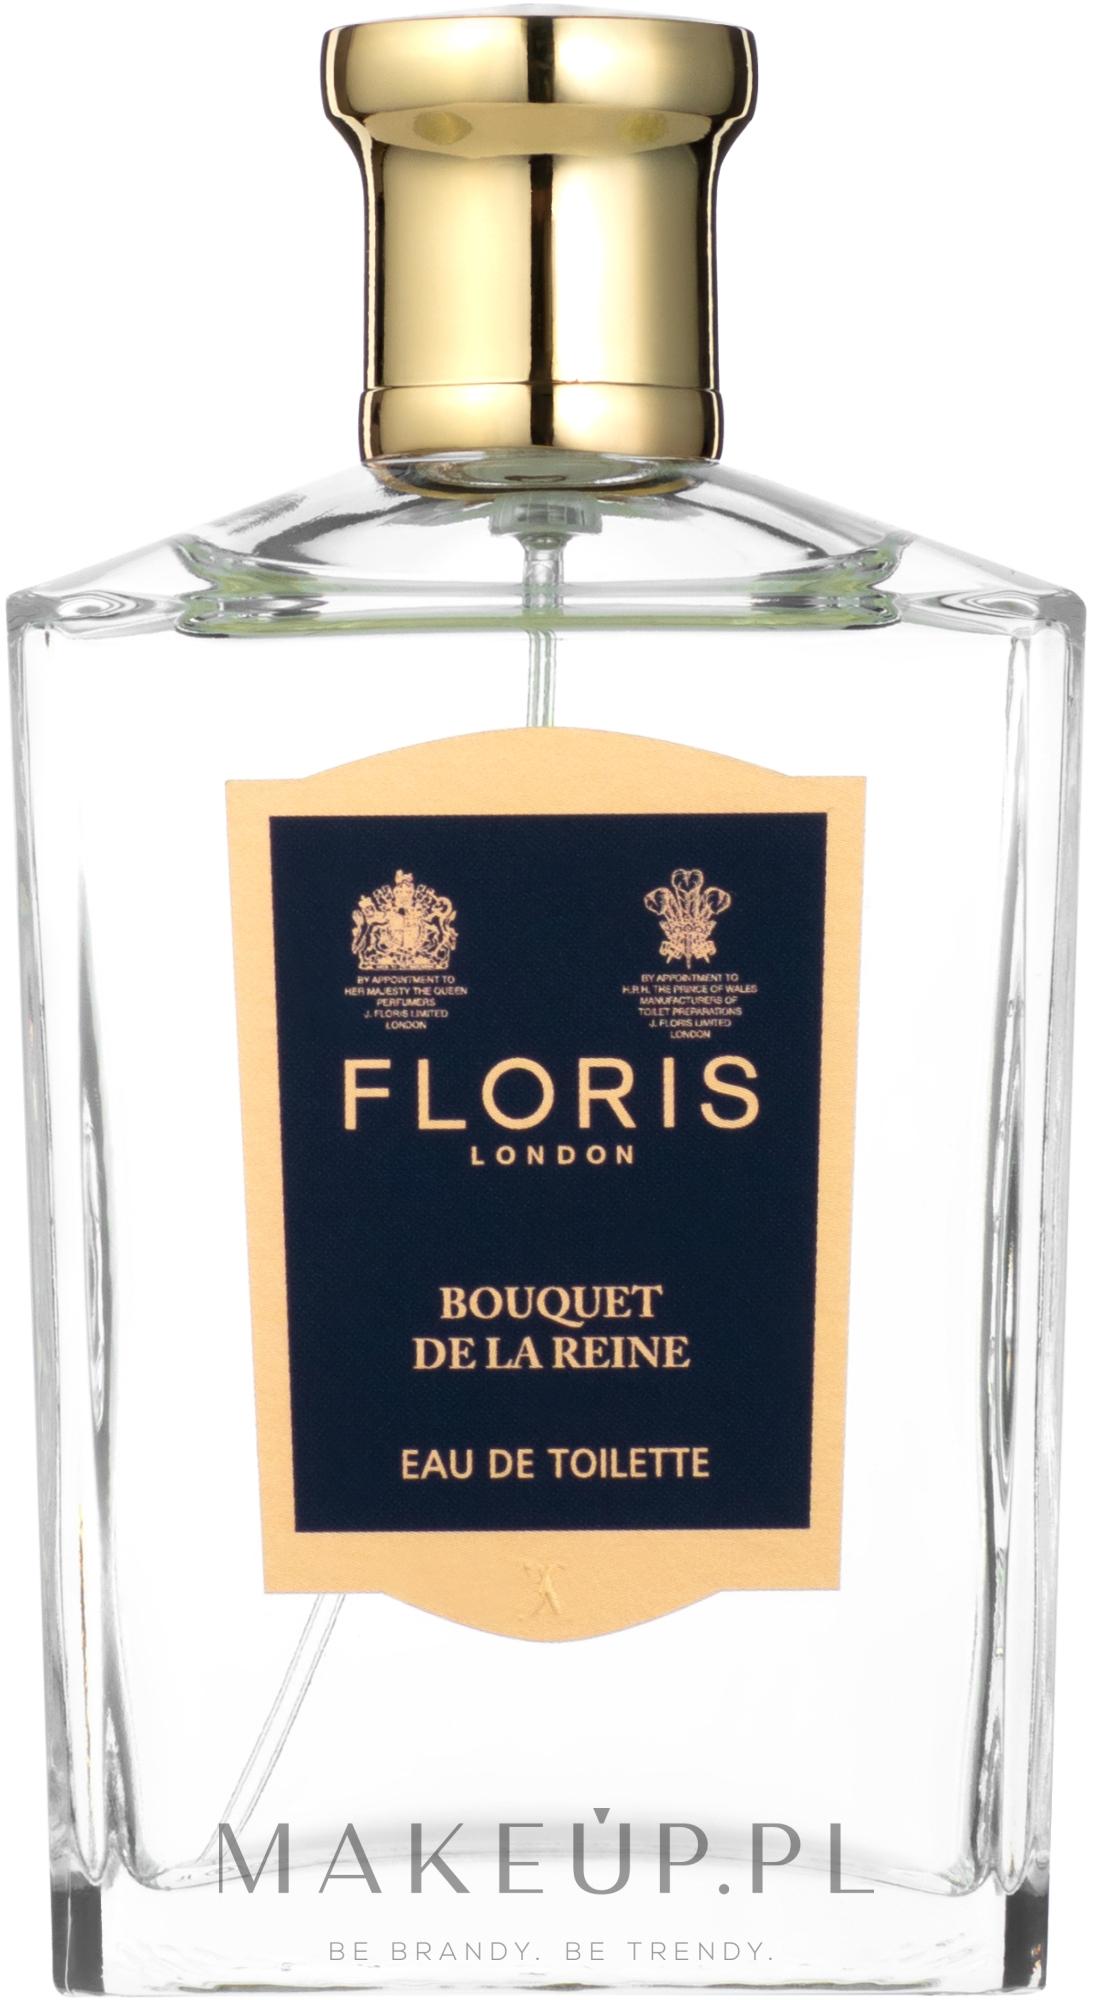 floris bouquet de la reine